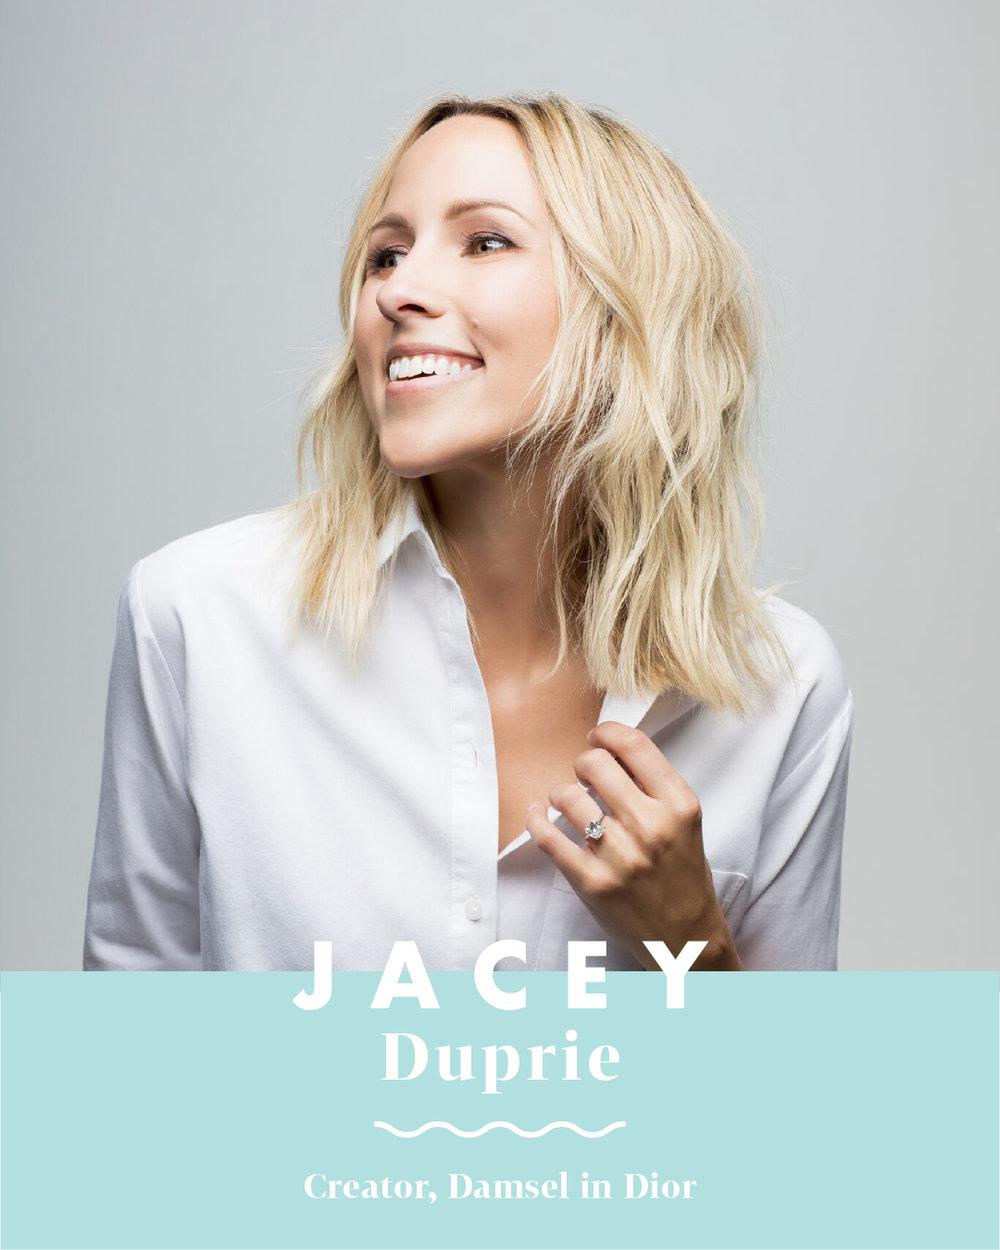 jacey-duprie.jpg